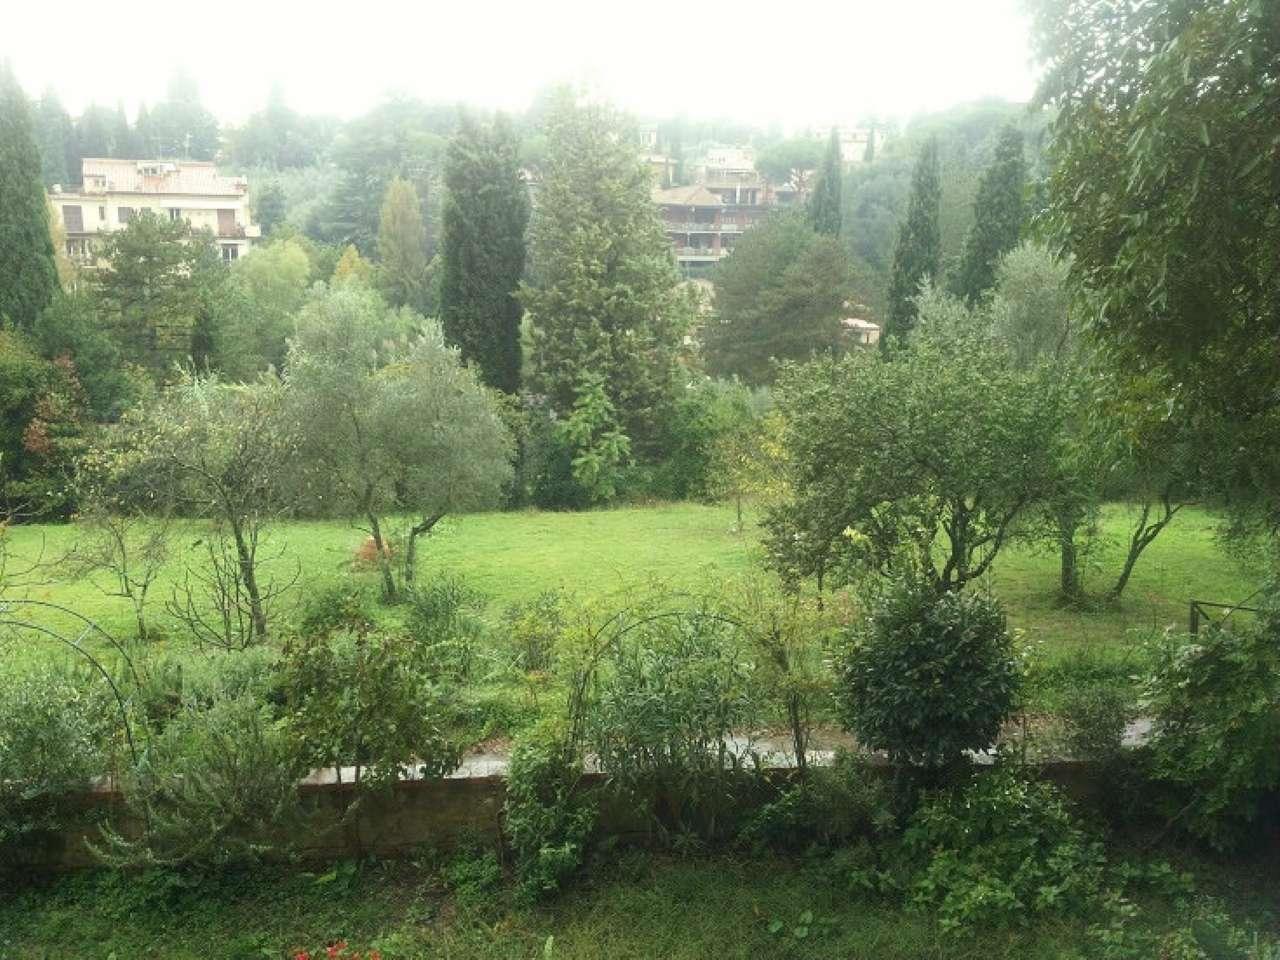 Appartamento in affitto a Firenze, 5 locali, zona Zona: 10 . Leopoldo, Rifredi, prezzo € 1.350 | Cambio Casa.it